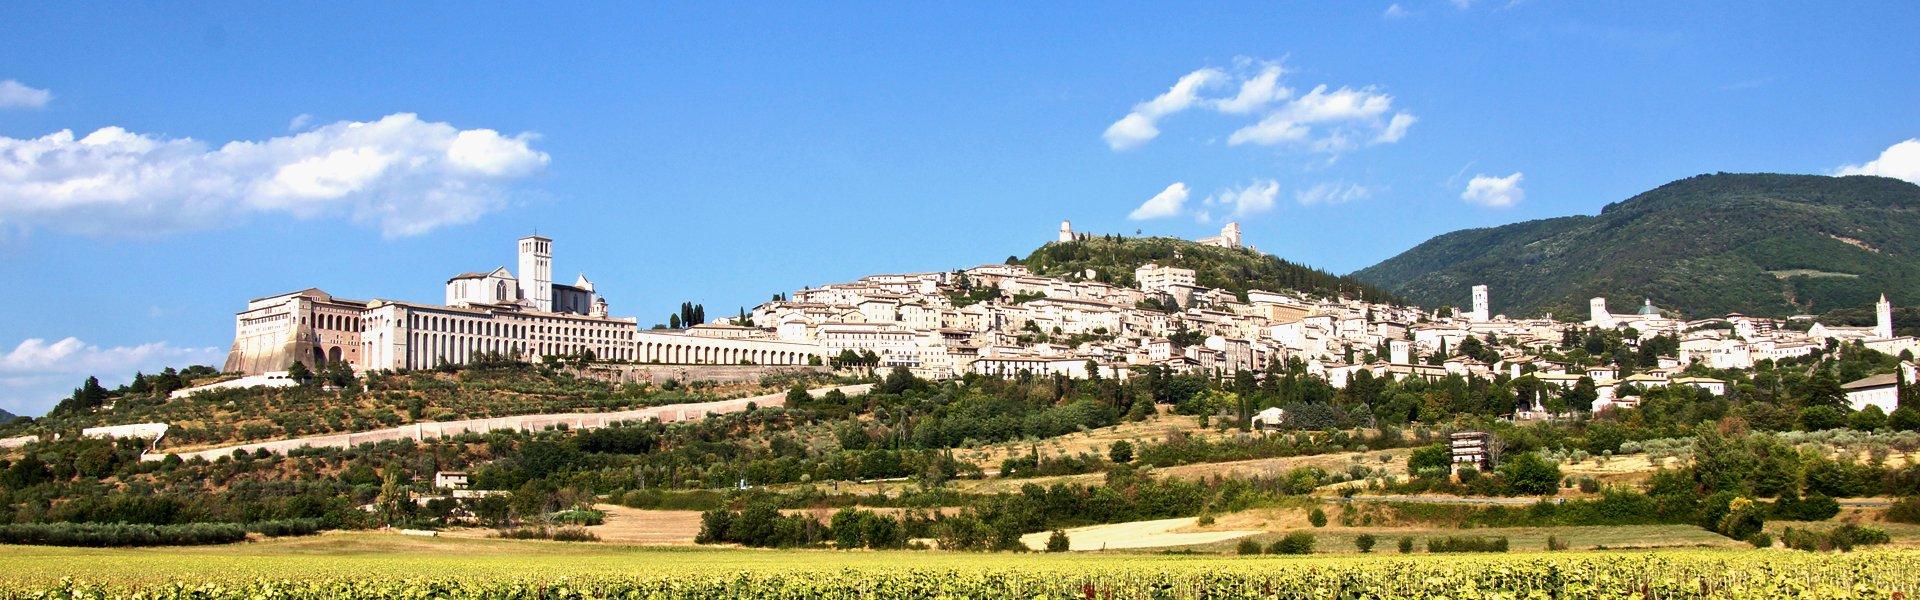 Assisi in Umbrië, Italië